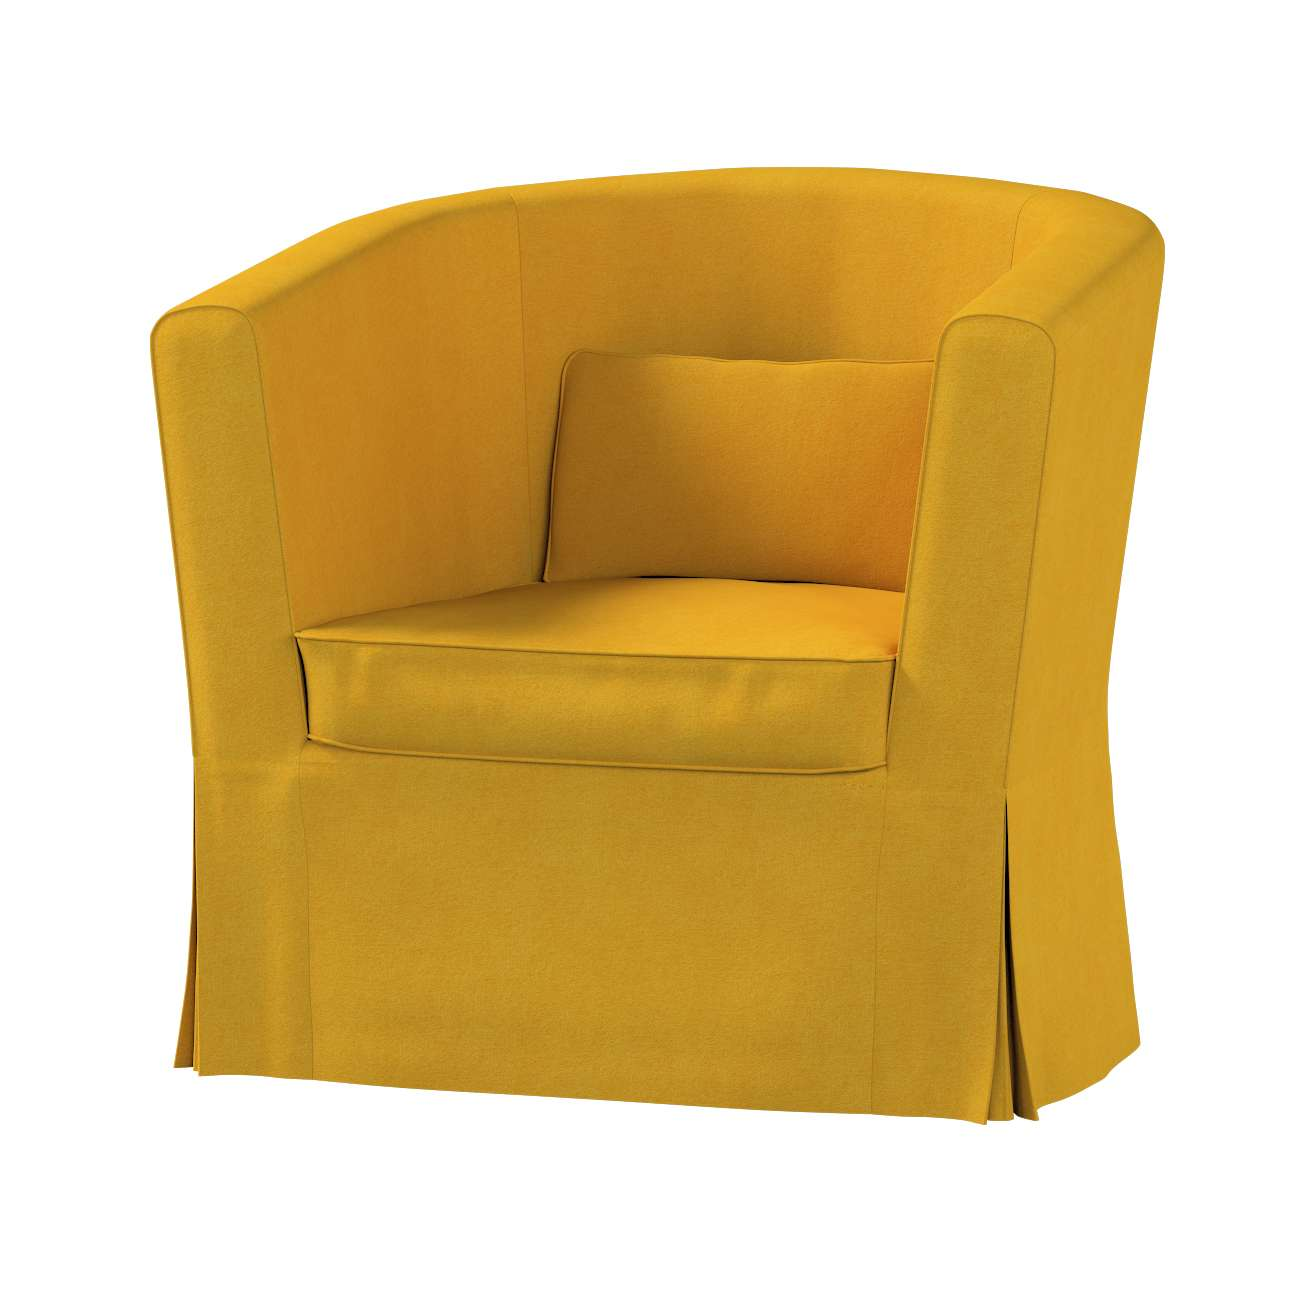 Pokrowiec na fotel Ektorp Tullsta w kolekcji Etna , tkanina: 705-04